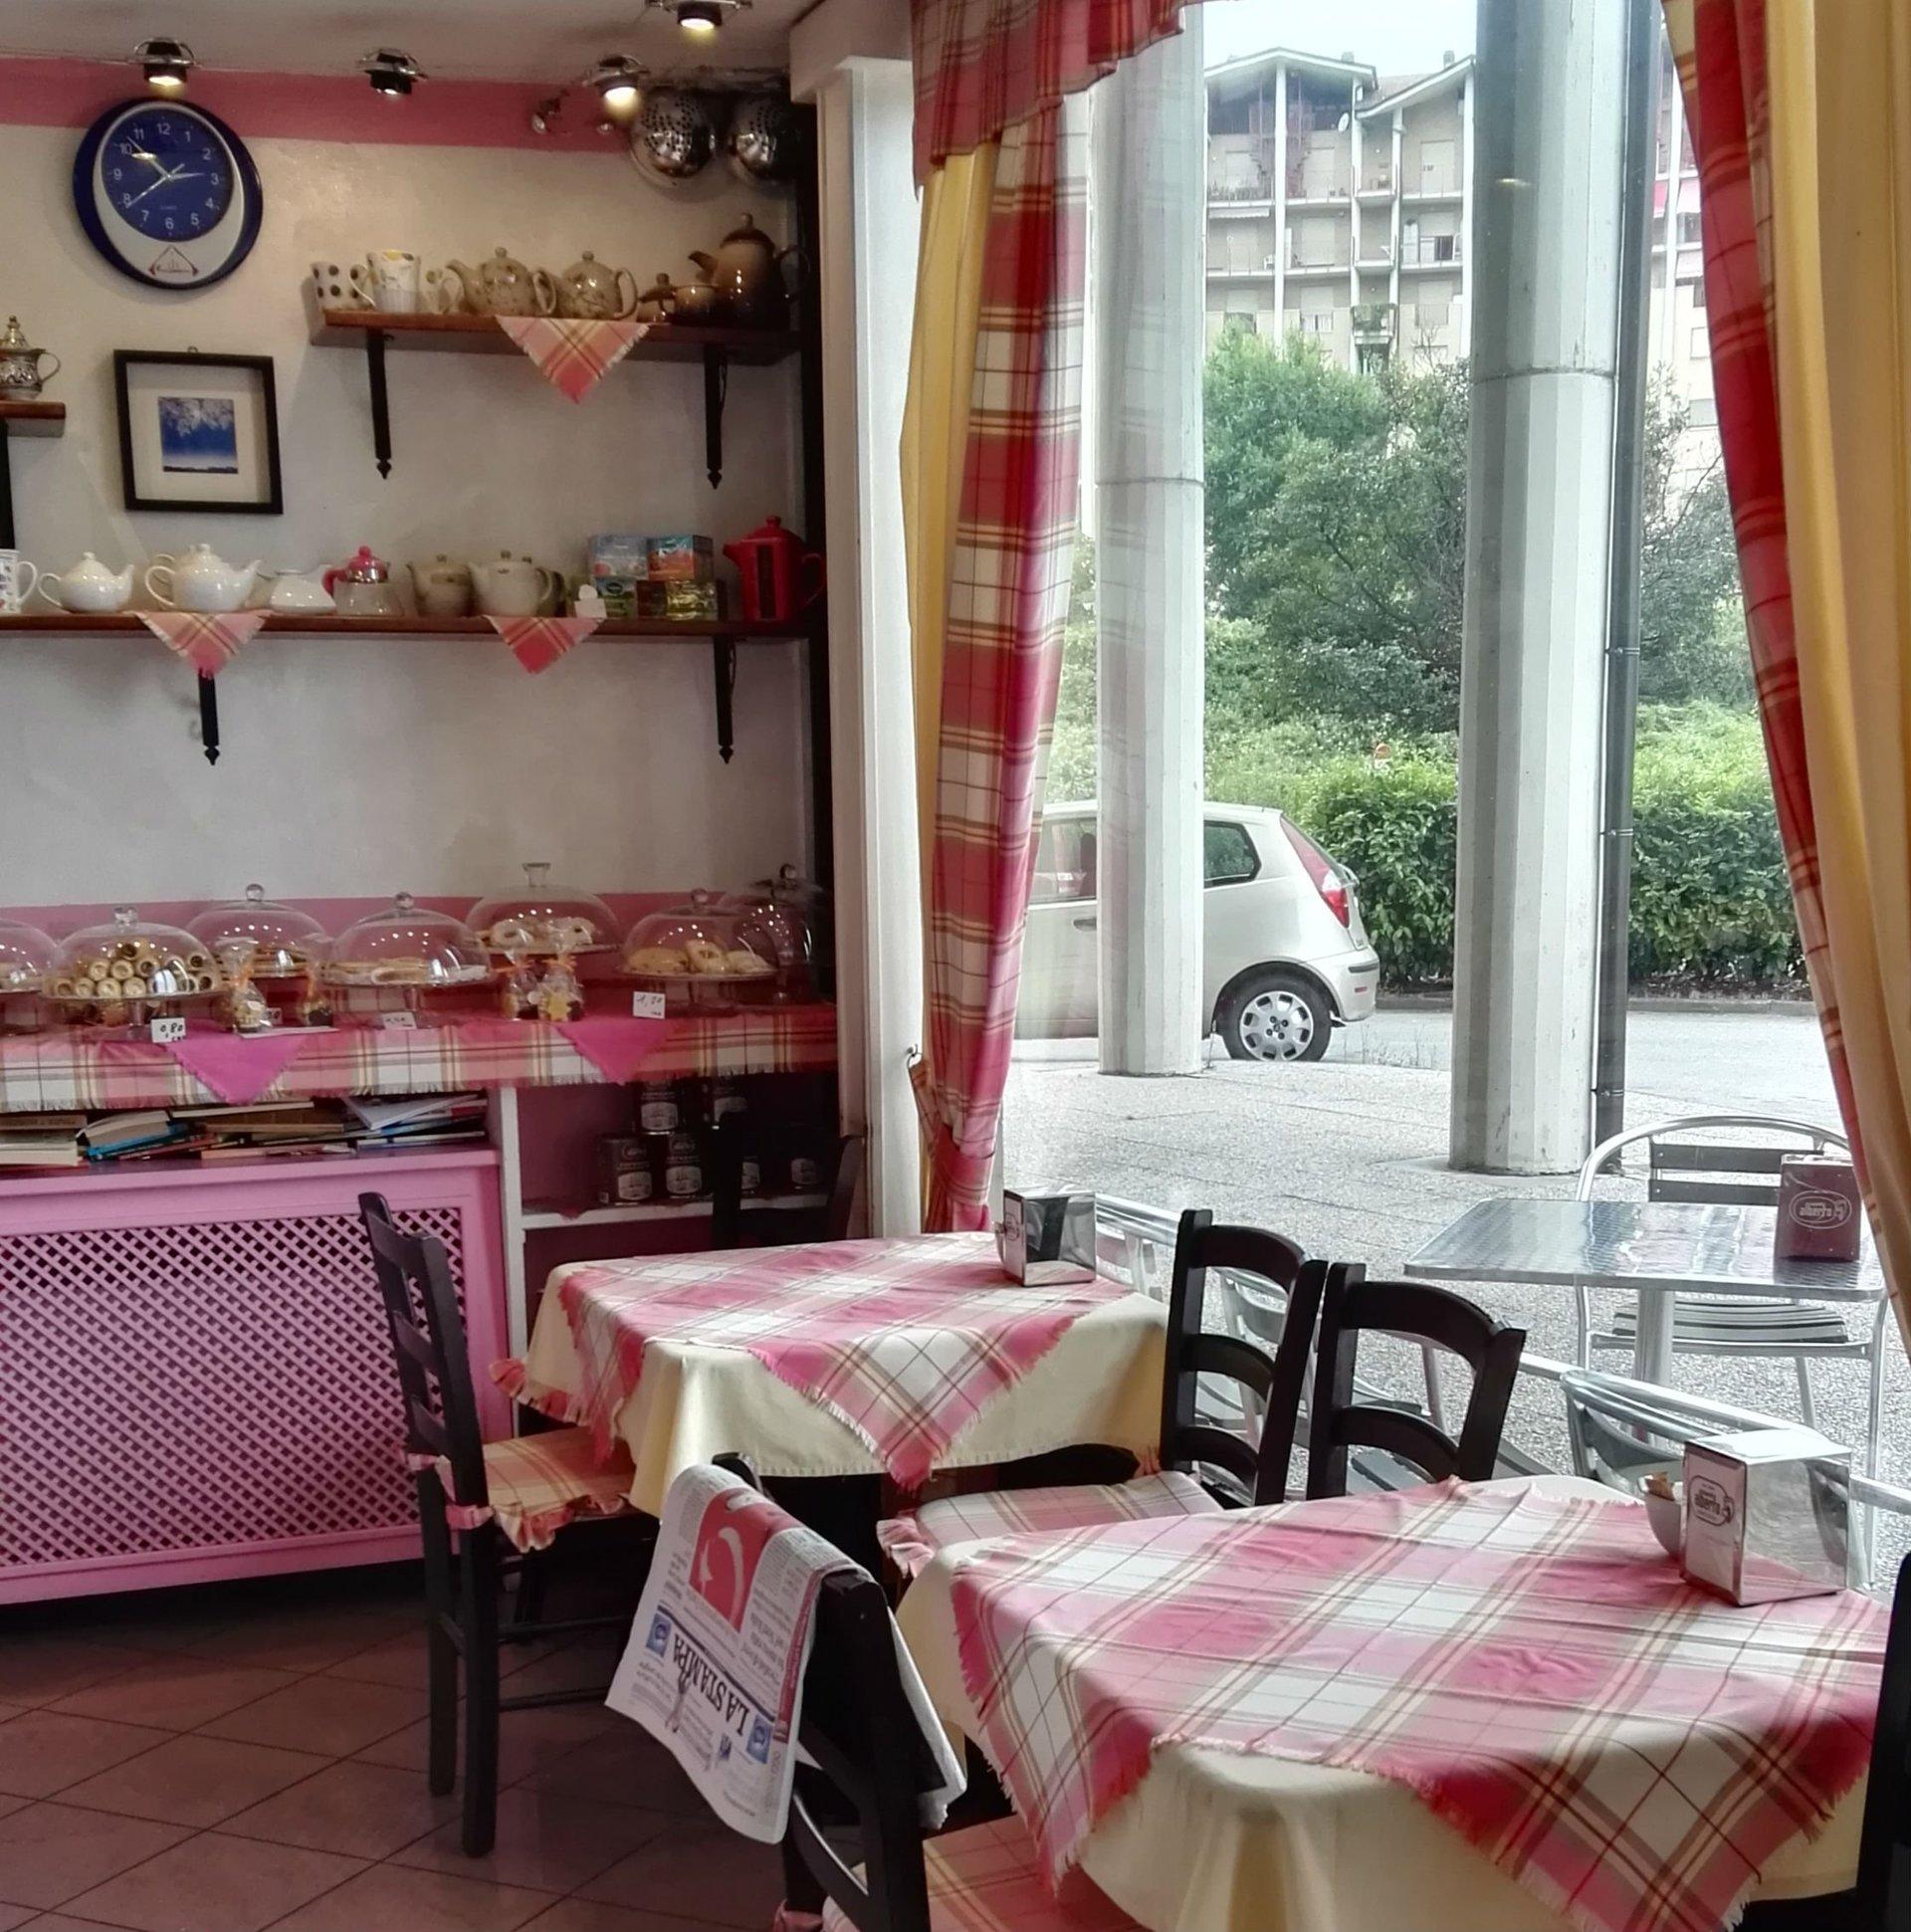 due tavoli con delle tovaglie gialle rosa